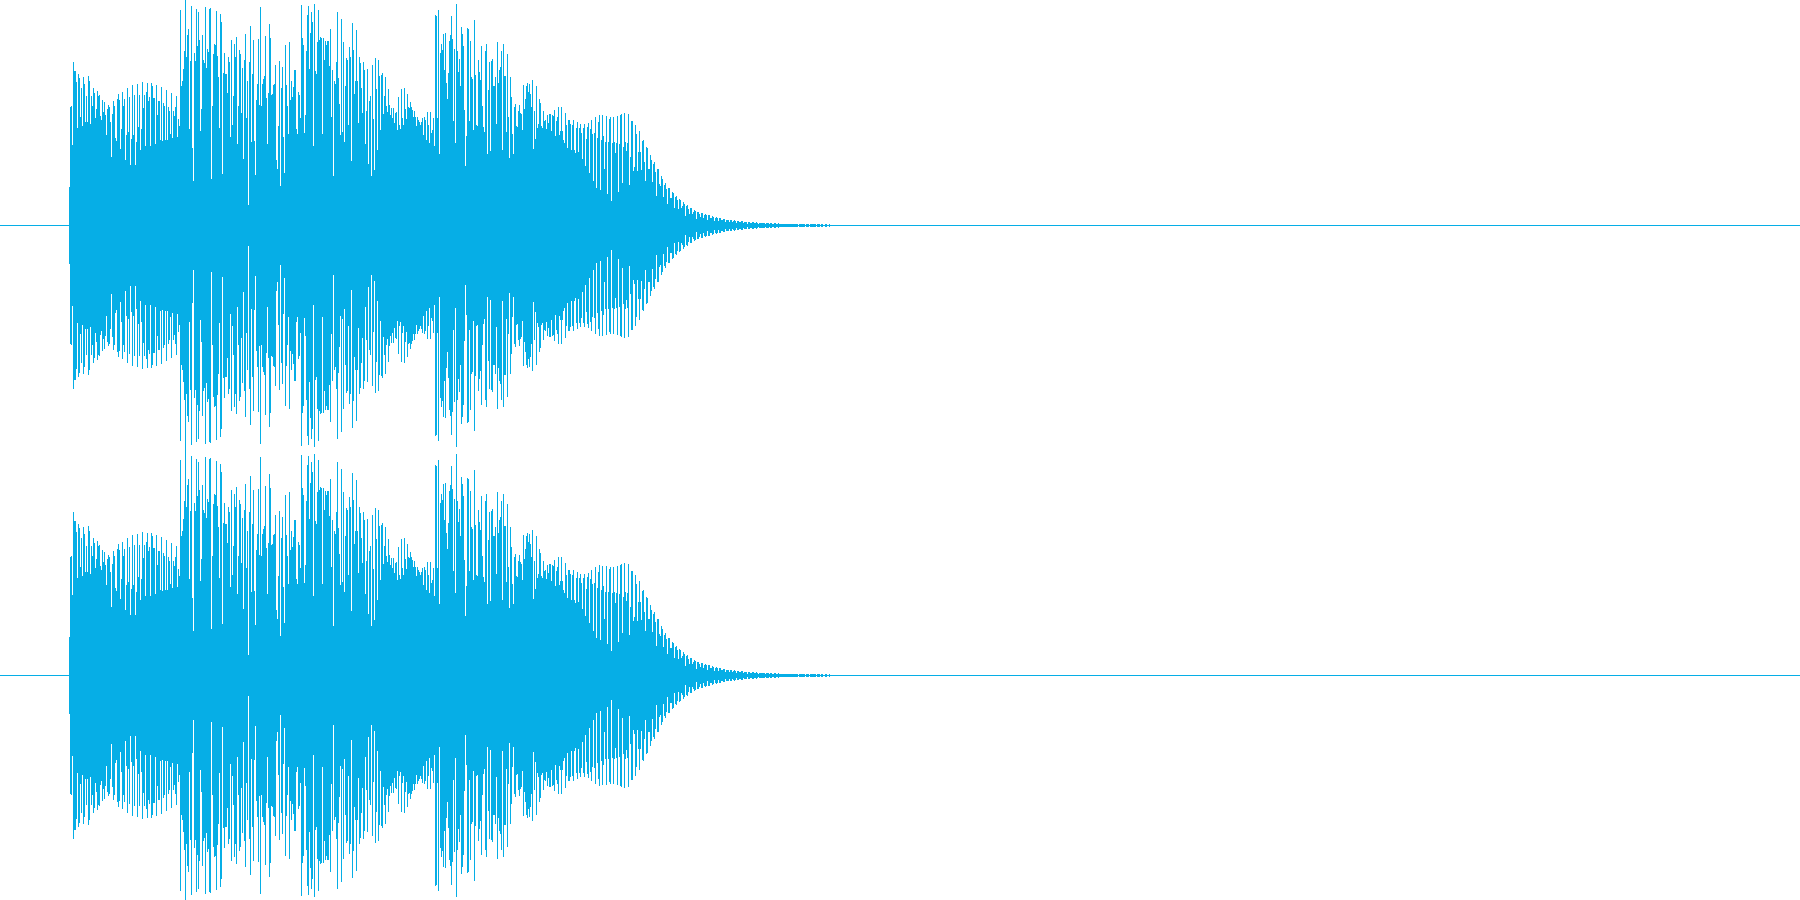 ポロロン(電子音)の再生済みの波形